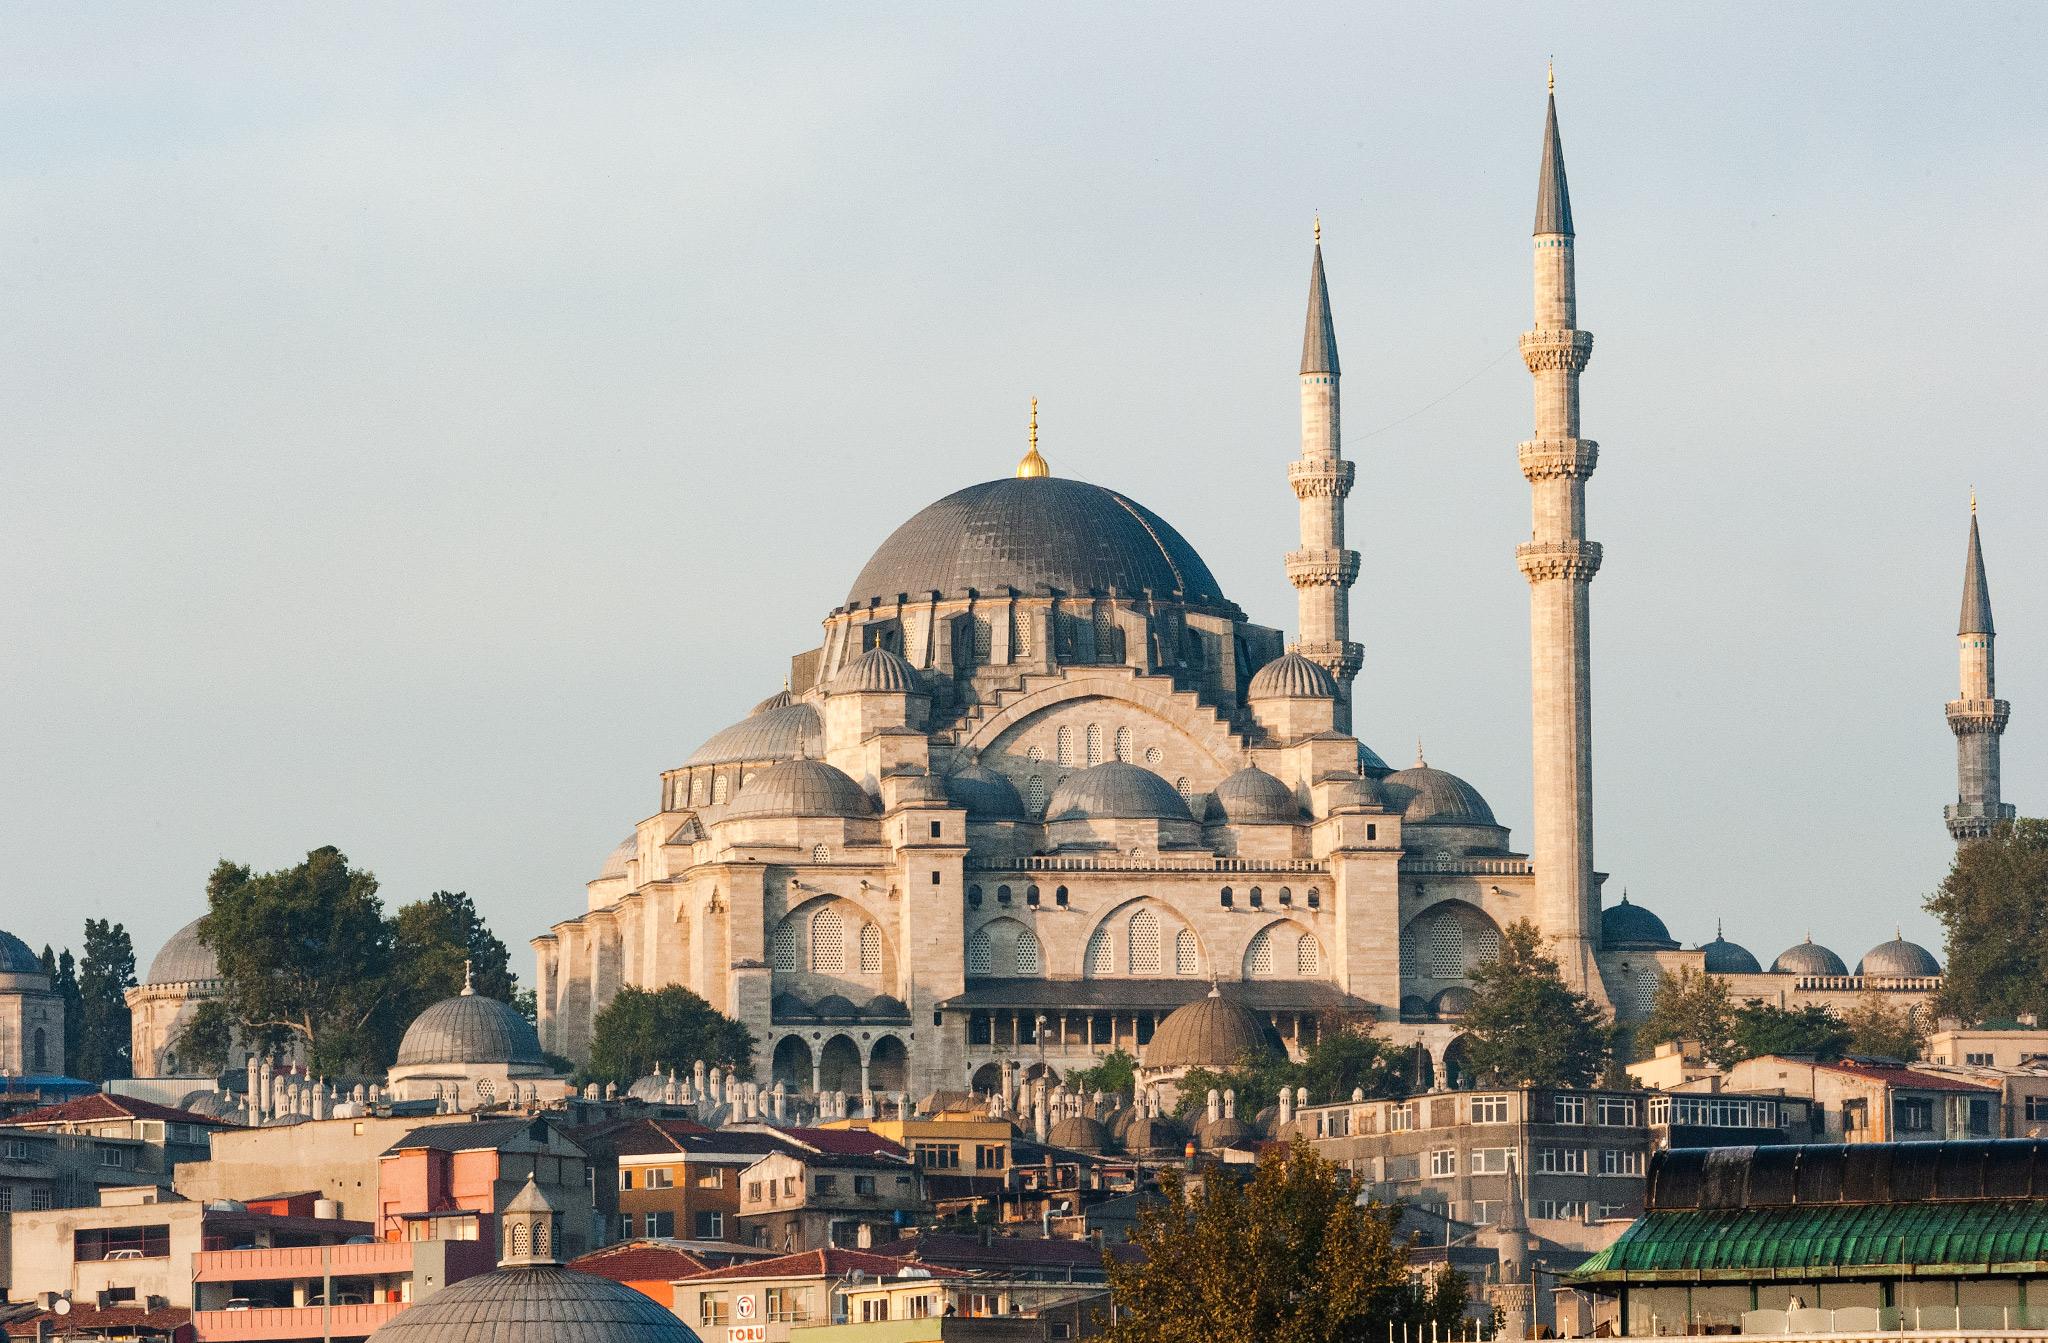 La mosquée Süleymaniye. Les dômes en cascade et les quatre minarets élancés de la mosquée Soliman le Magnifique dominent l'horizon de la rive ouest de la Corne d'Or.